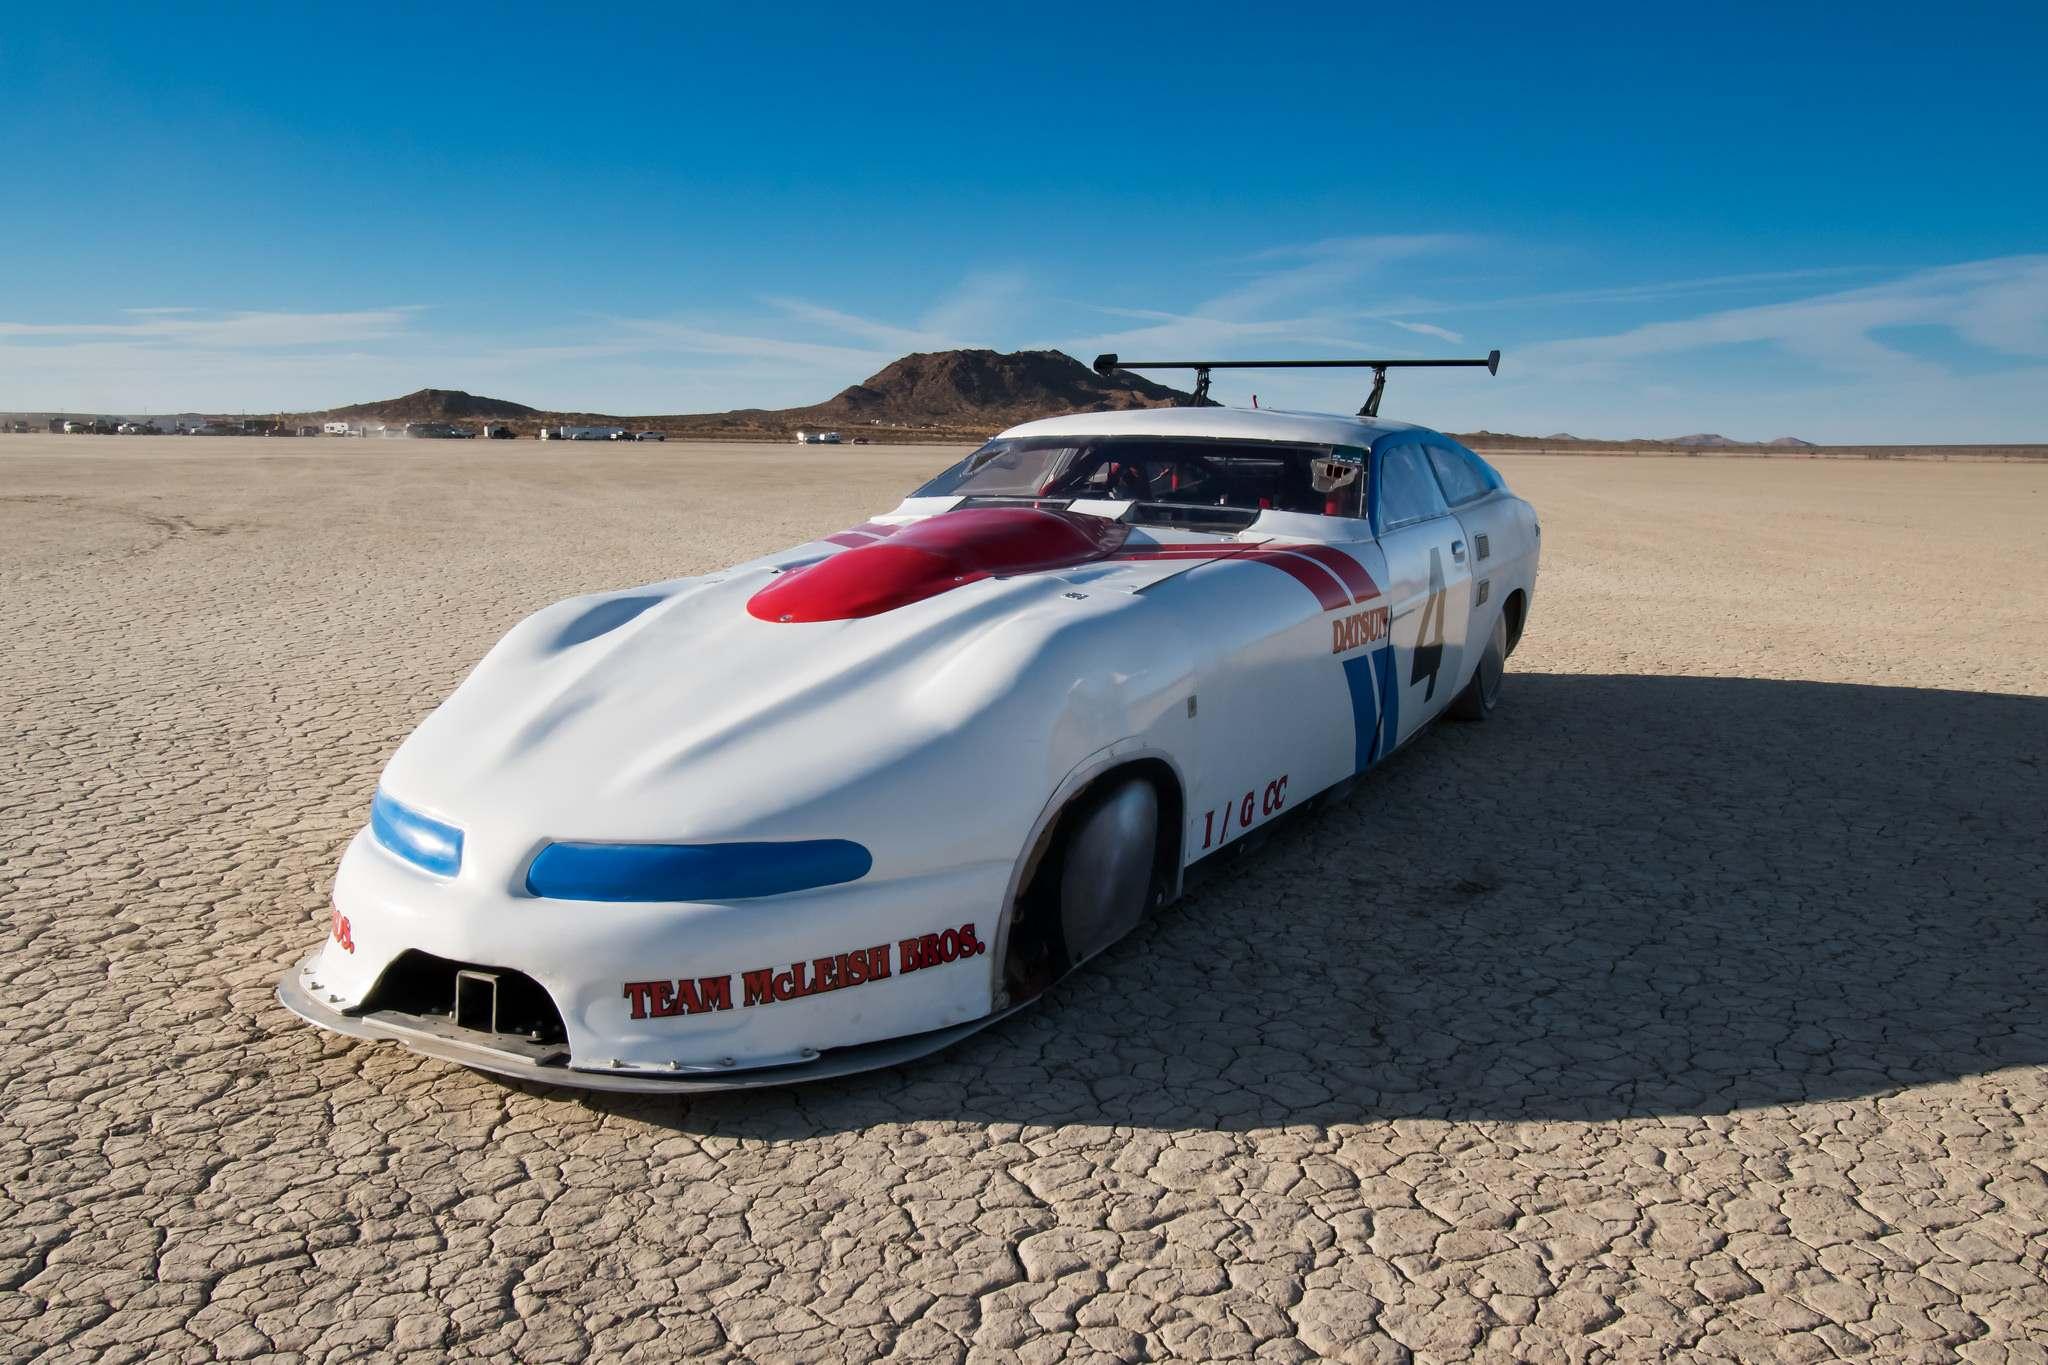 land speed racing1 Speed Racing at El Mirage Dry Lake